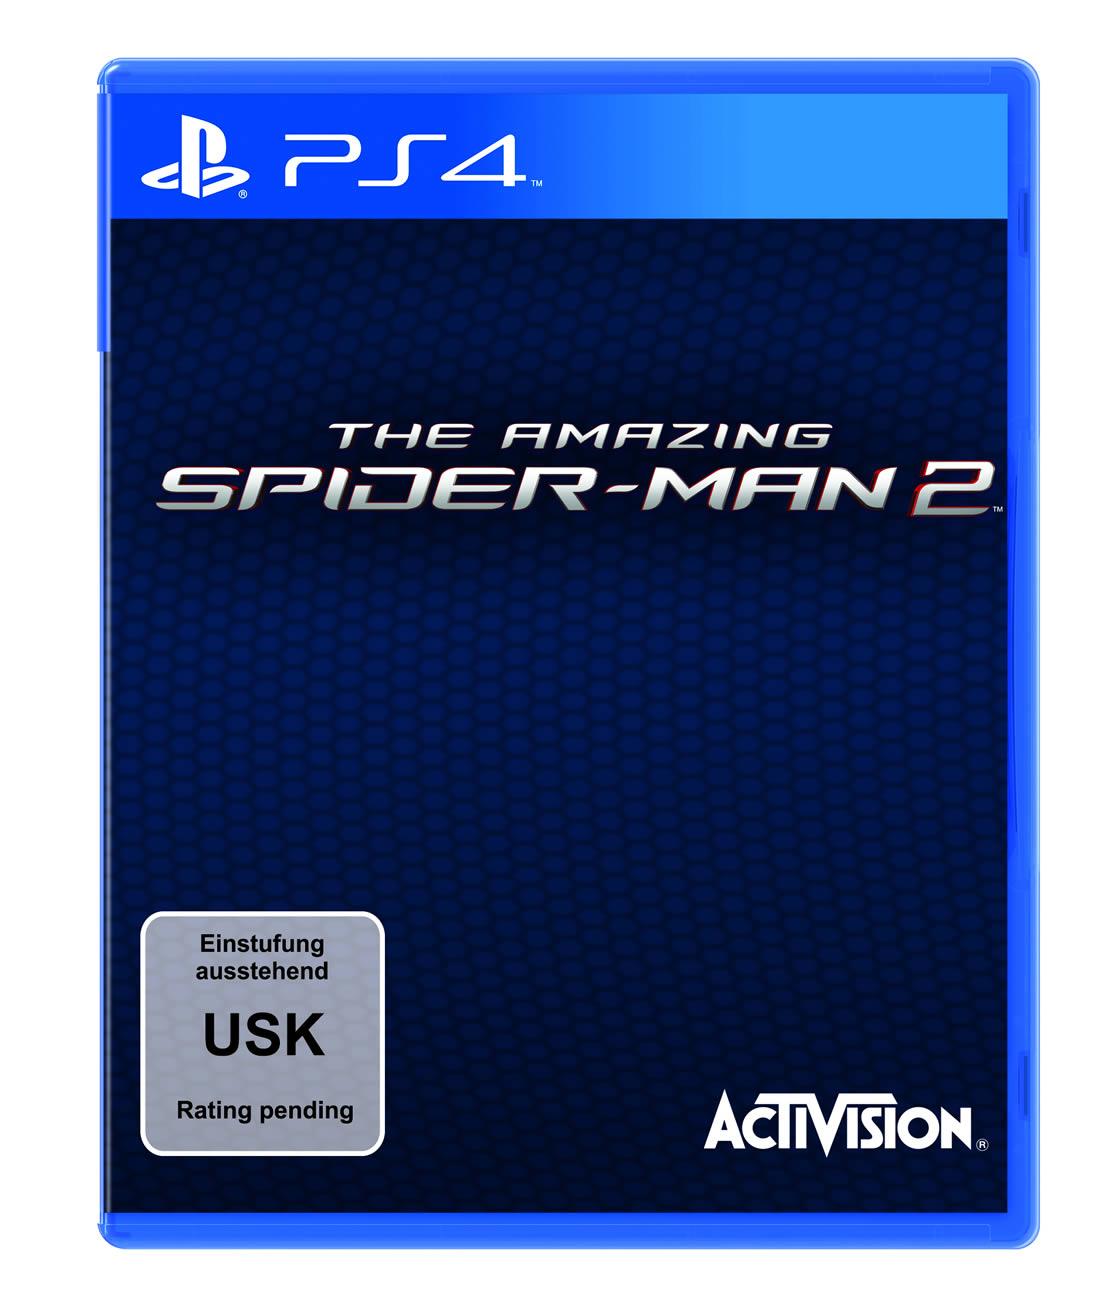 In The Amazing Spider-Man 2 geht der beliebte Superheld wieder auf Verbrecherjagd